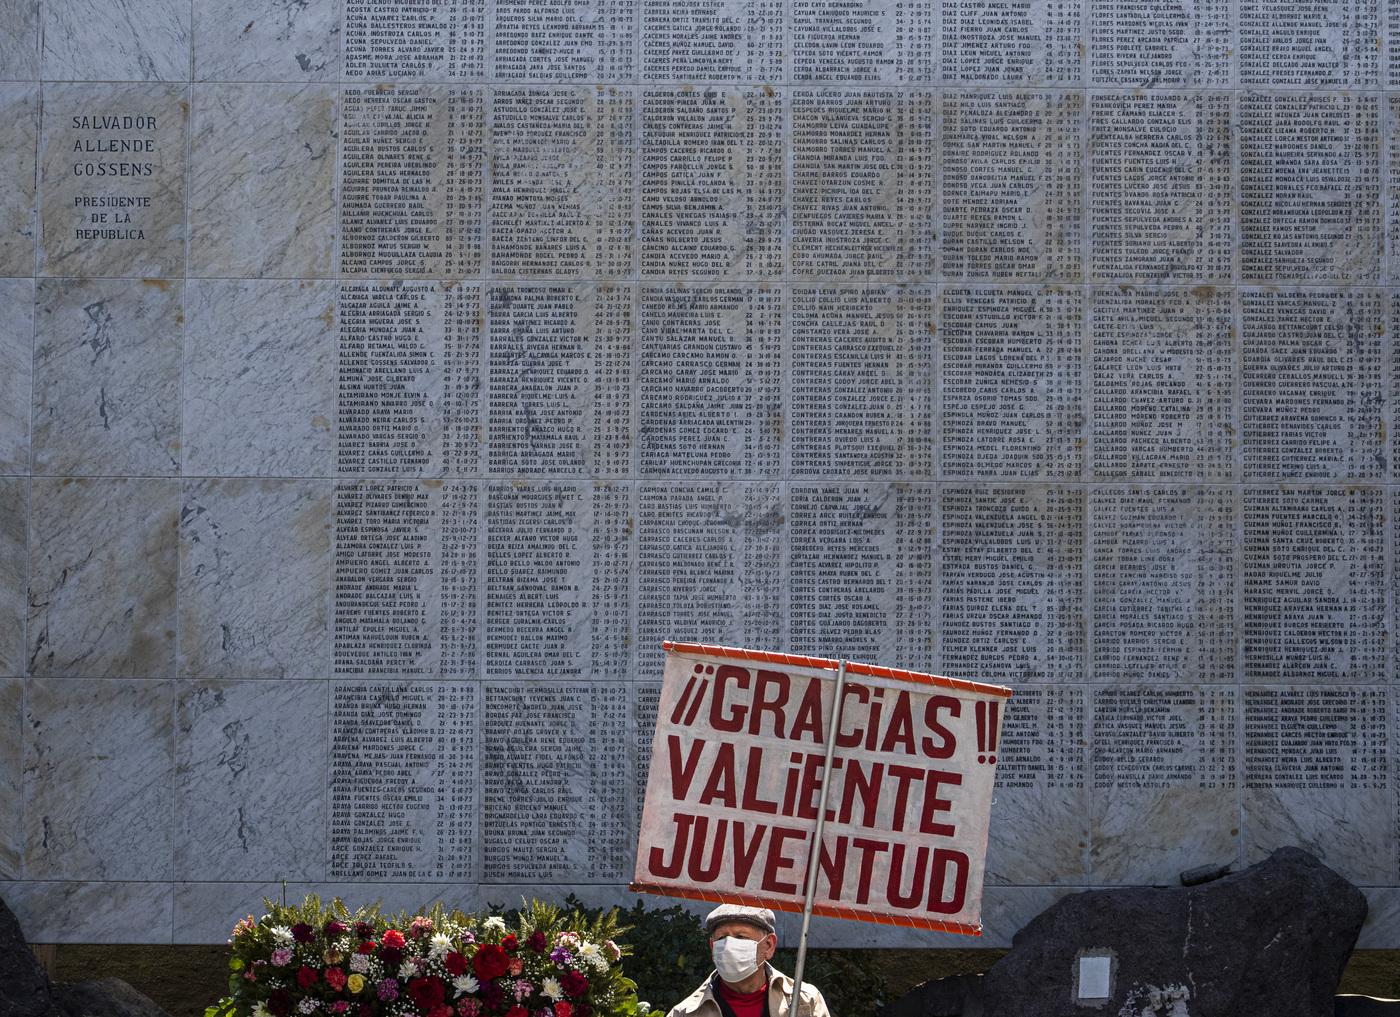 Cile: si avvicina il referendum per la Costituzione, un possibile riscatto degli indigeni